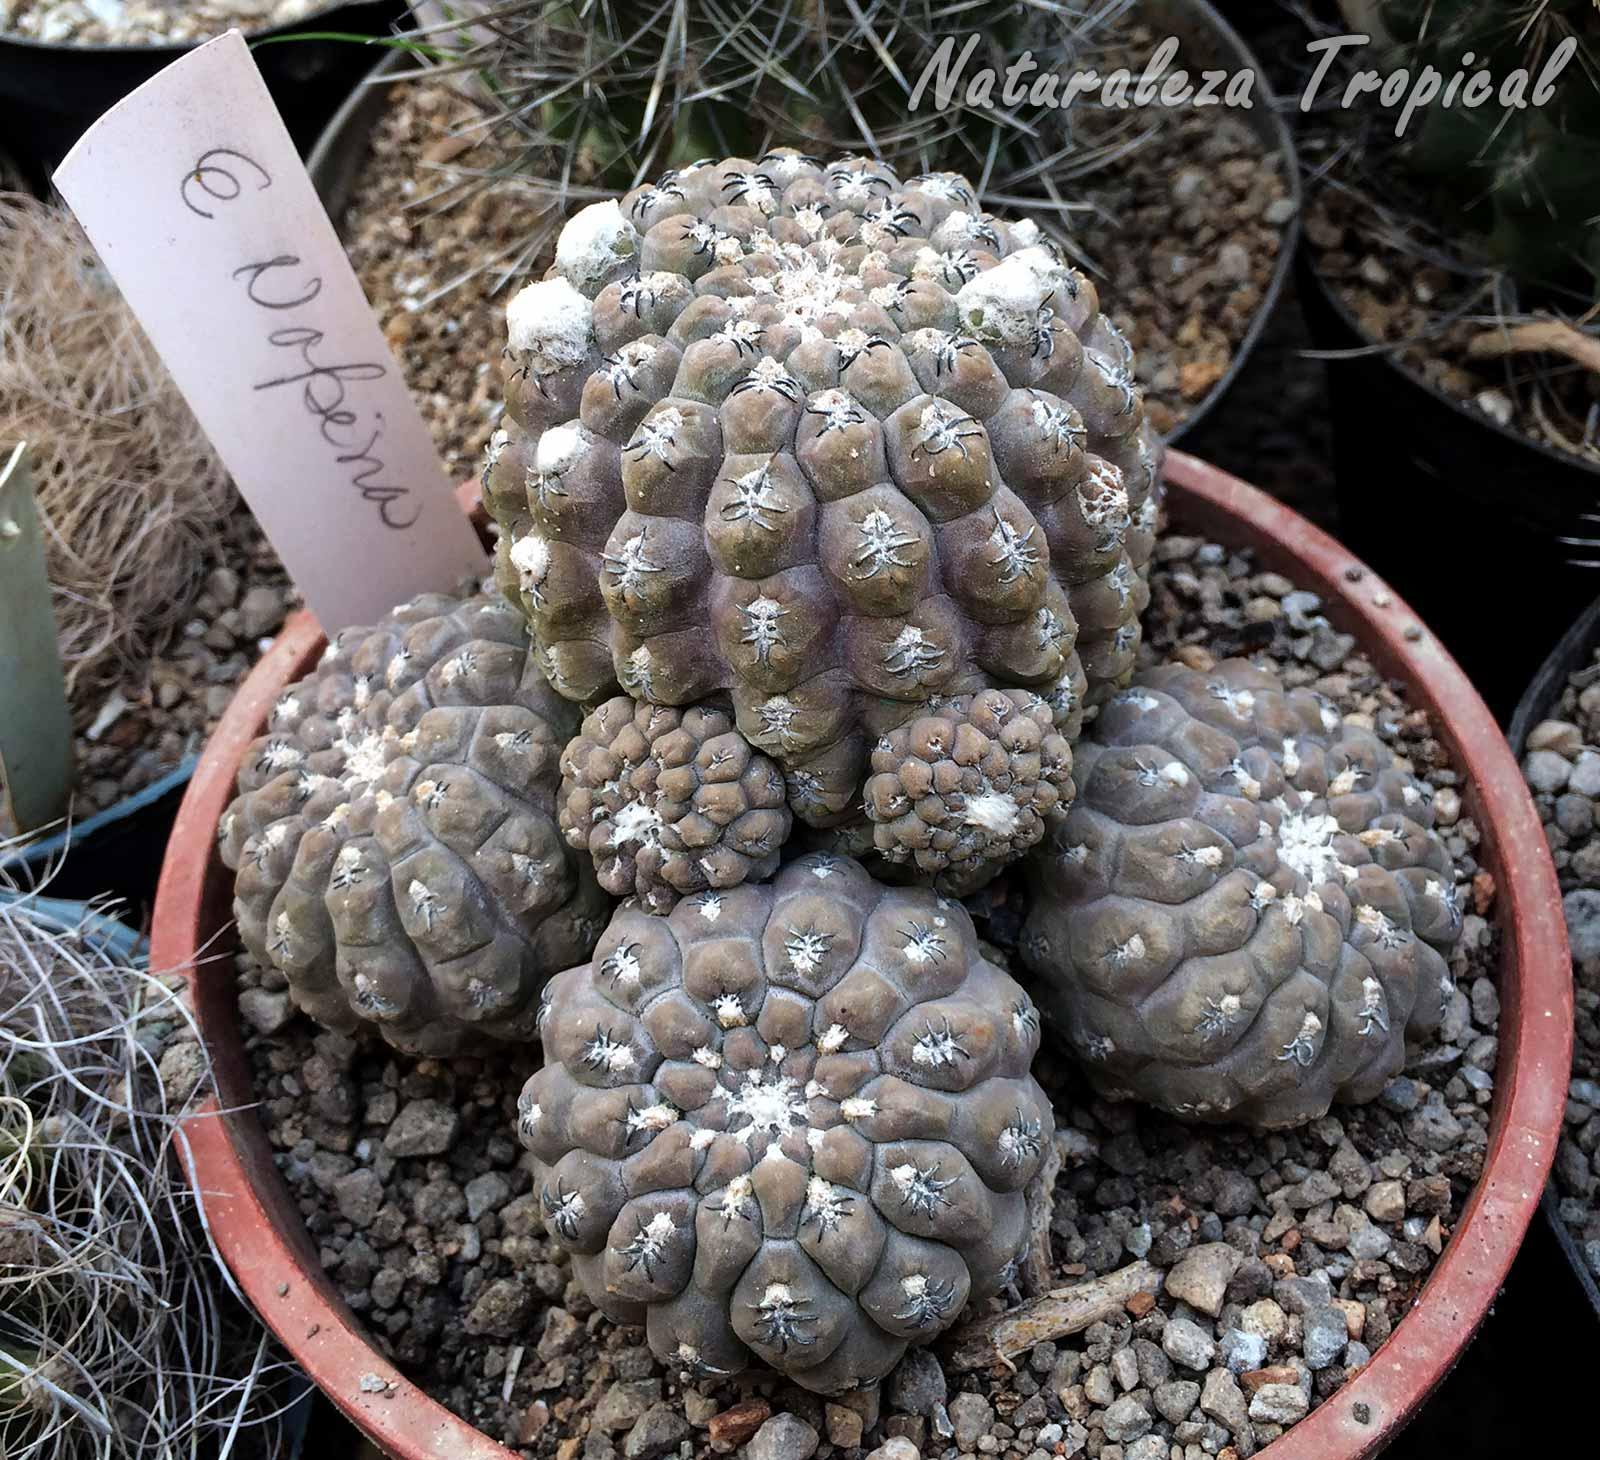 Vista de los tallos del cactus Eriosyce napina